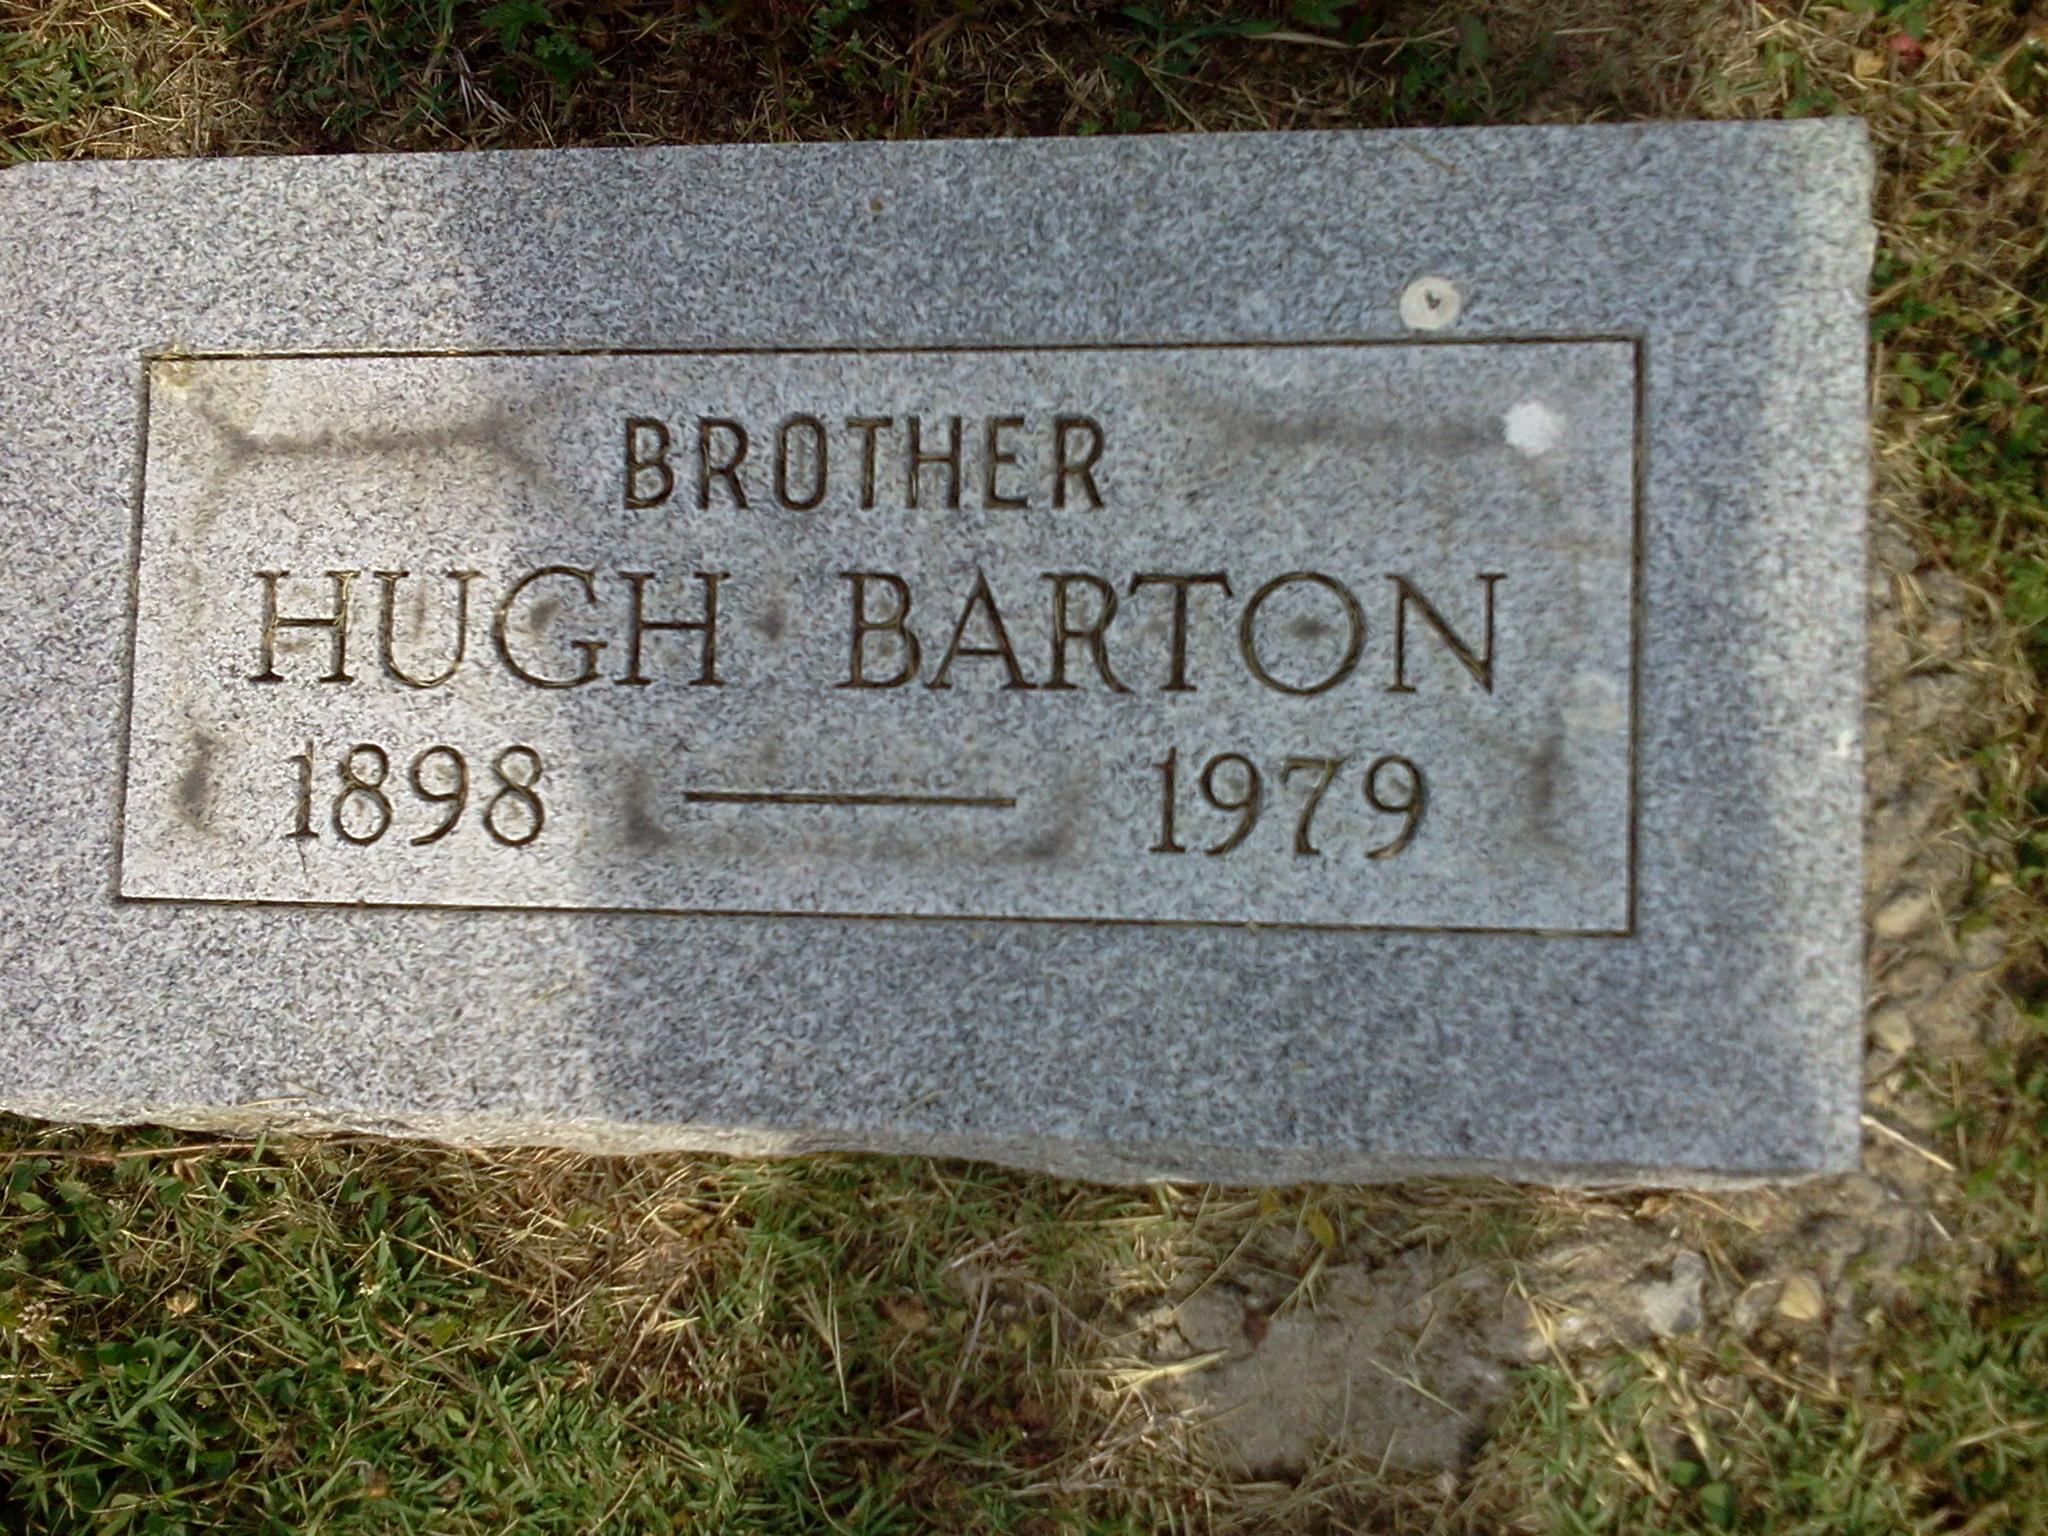 Hugh Barton